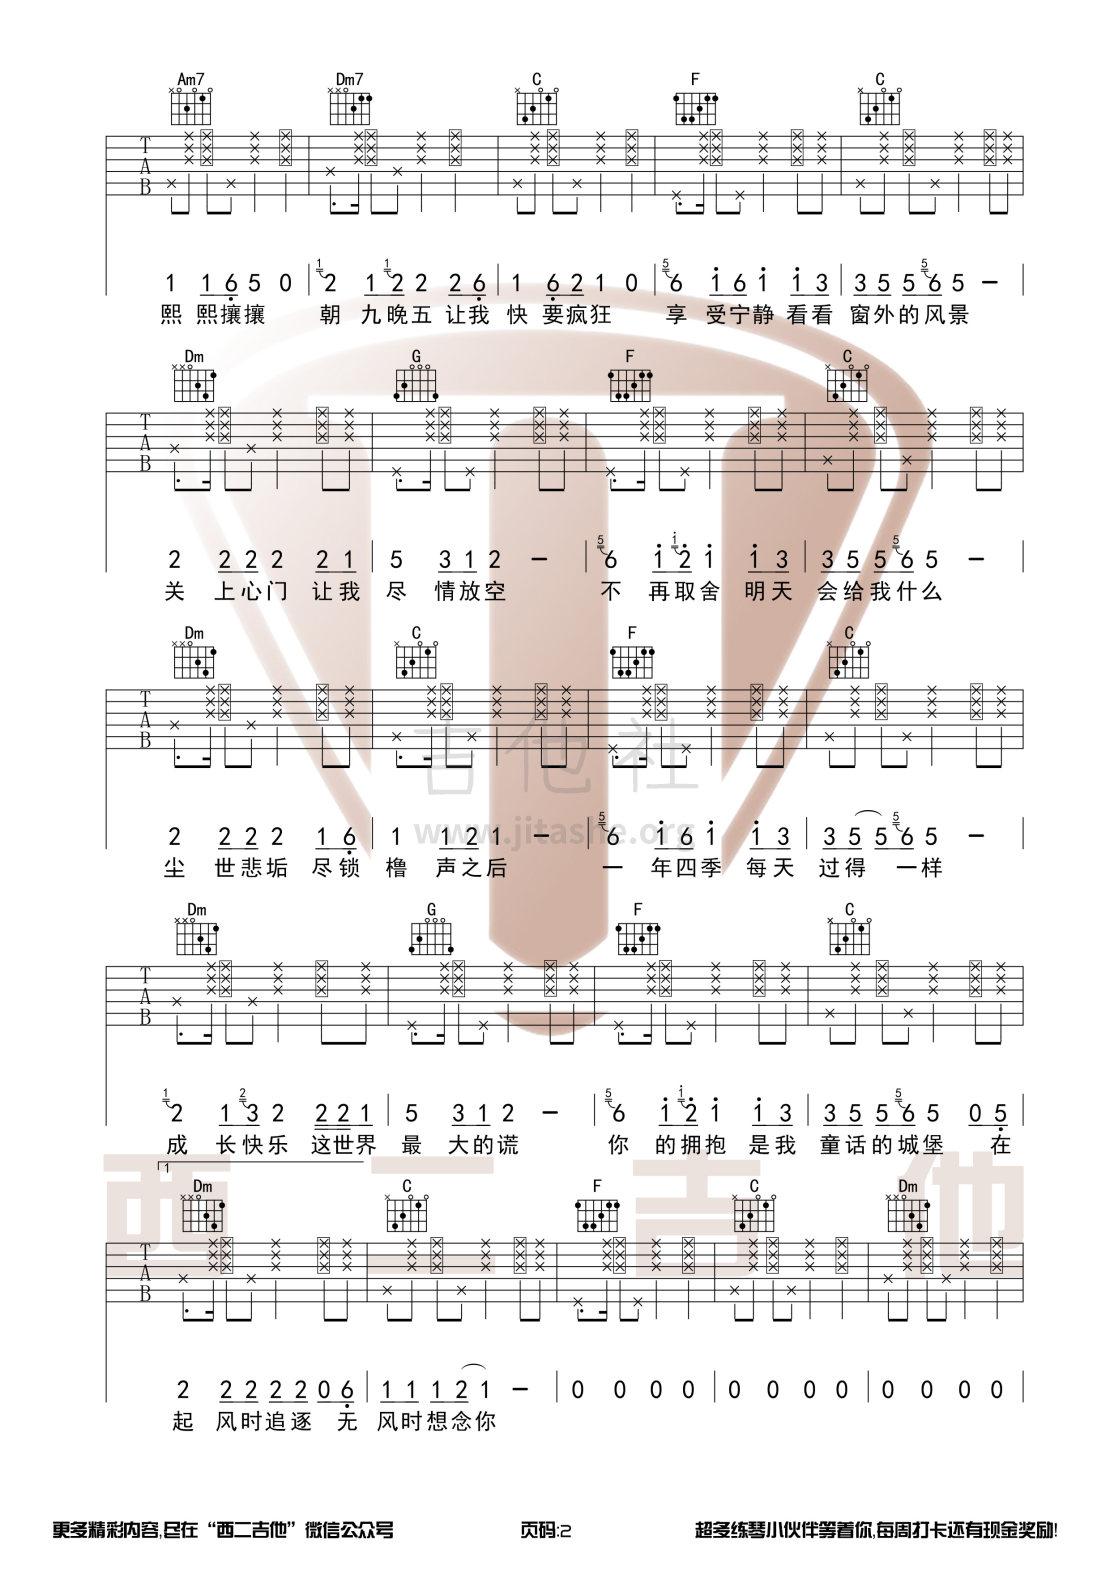 夏谣(超原版吉他谱全网首发!【西二吉他】)吉他谱(图片谱,西二吉他,原版吉他谱,弹唱)_烟把儿乐队_夏谣2.jpg